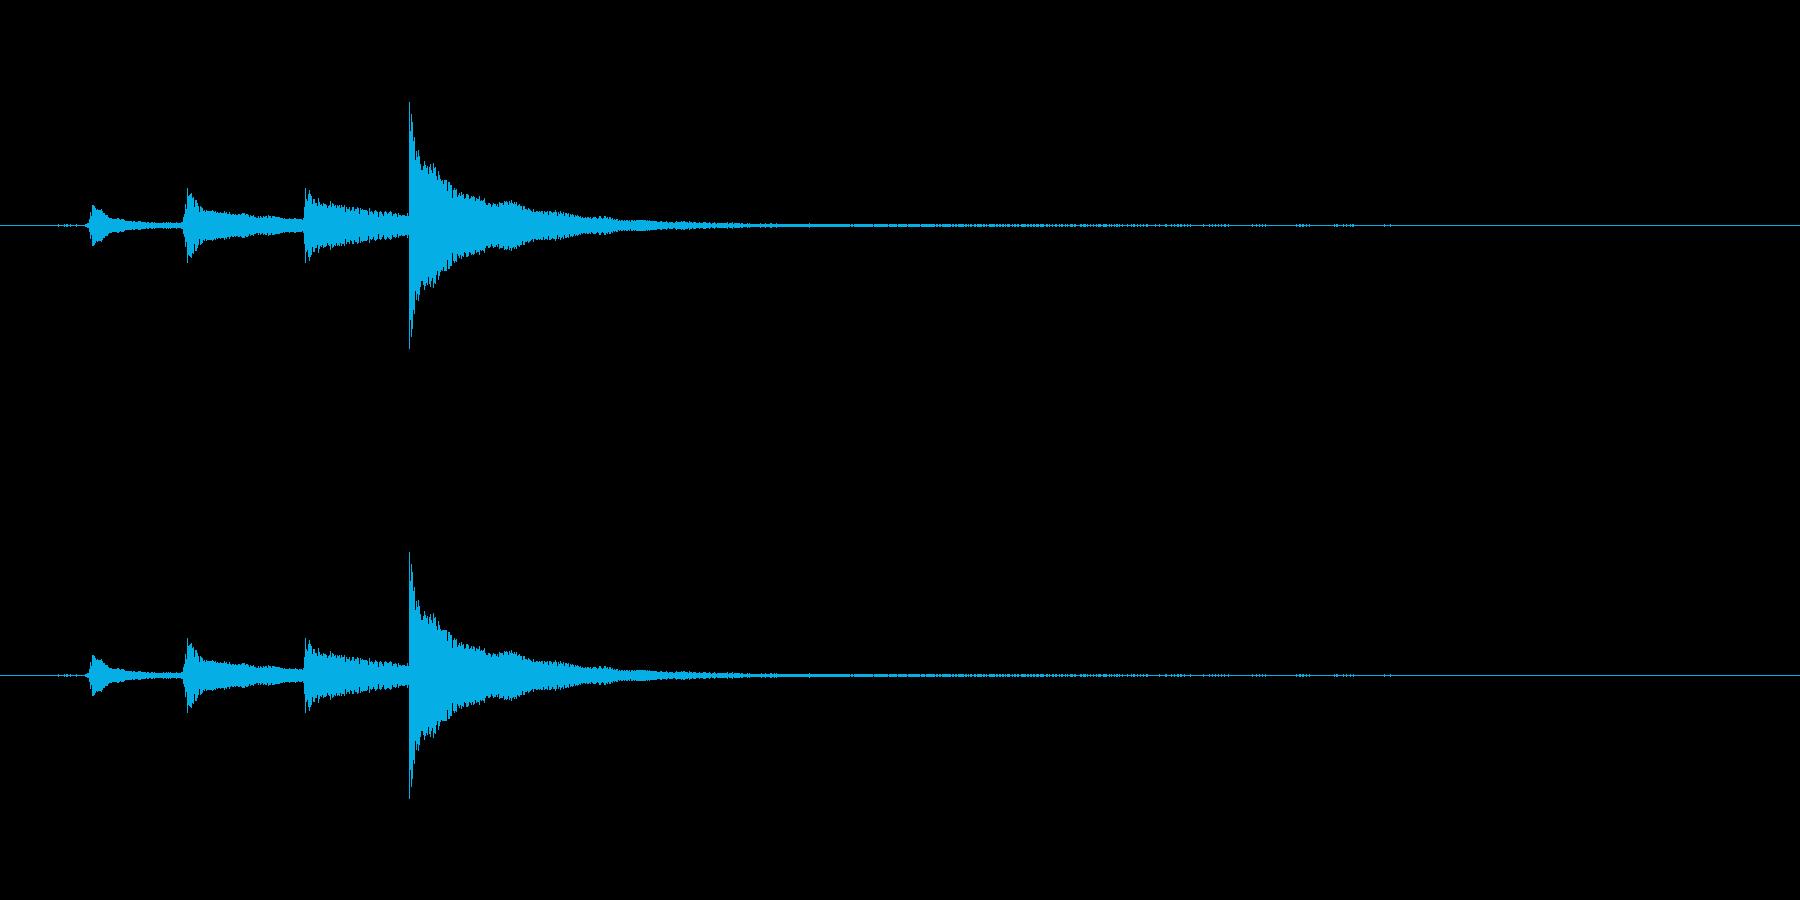 【生音】ウクレレの「ぽろろろーん」上昇音の再生済みの波形